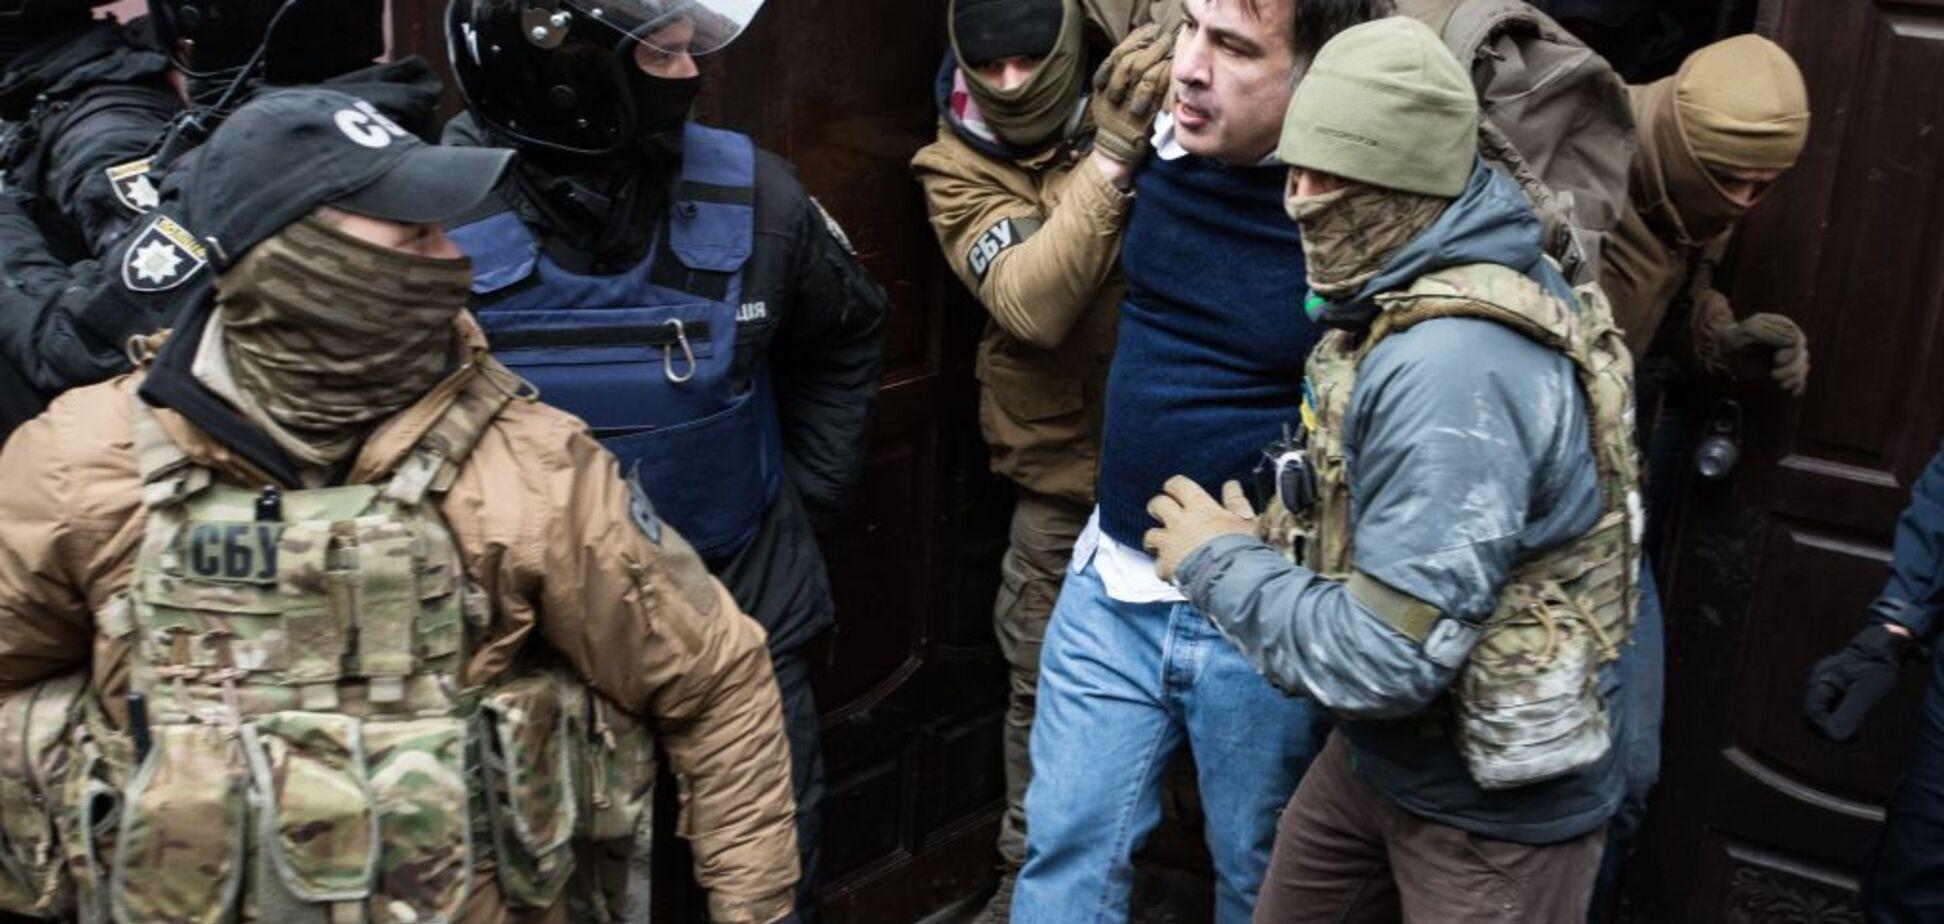 С обысками и угрозами суицида: в Киеве задержали Саакашвили, все подробности